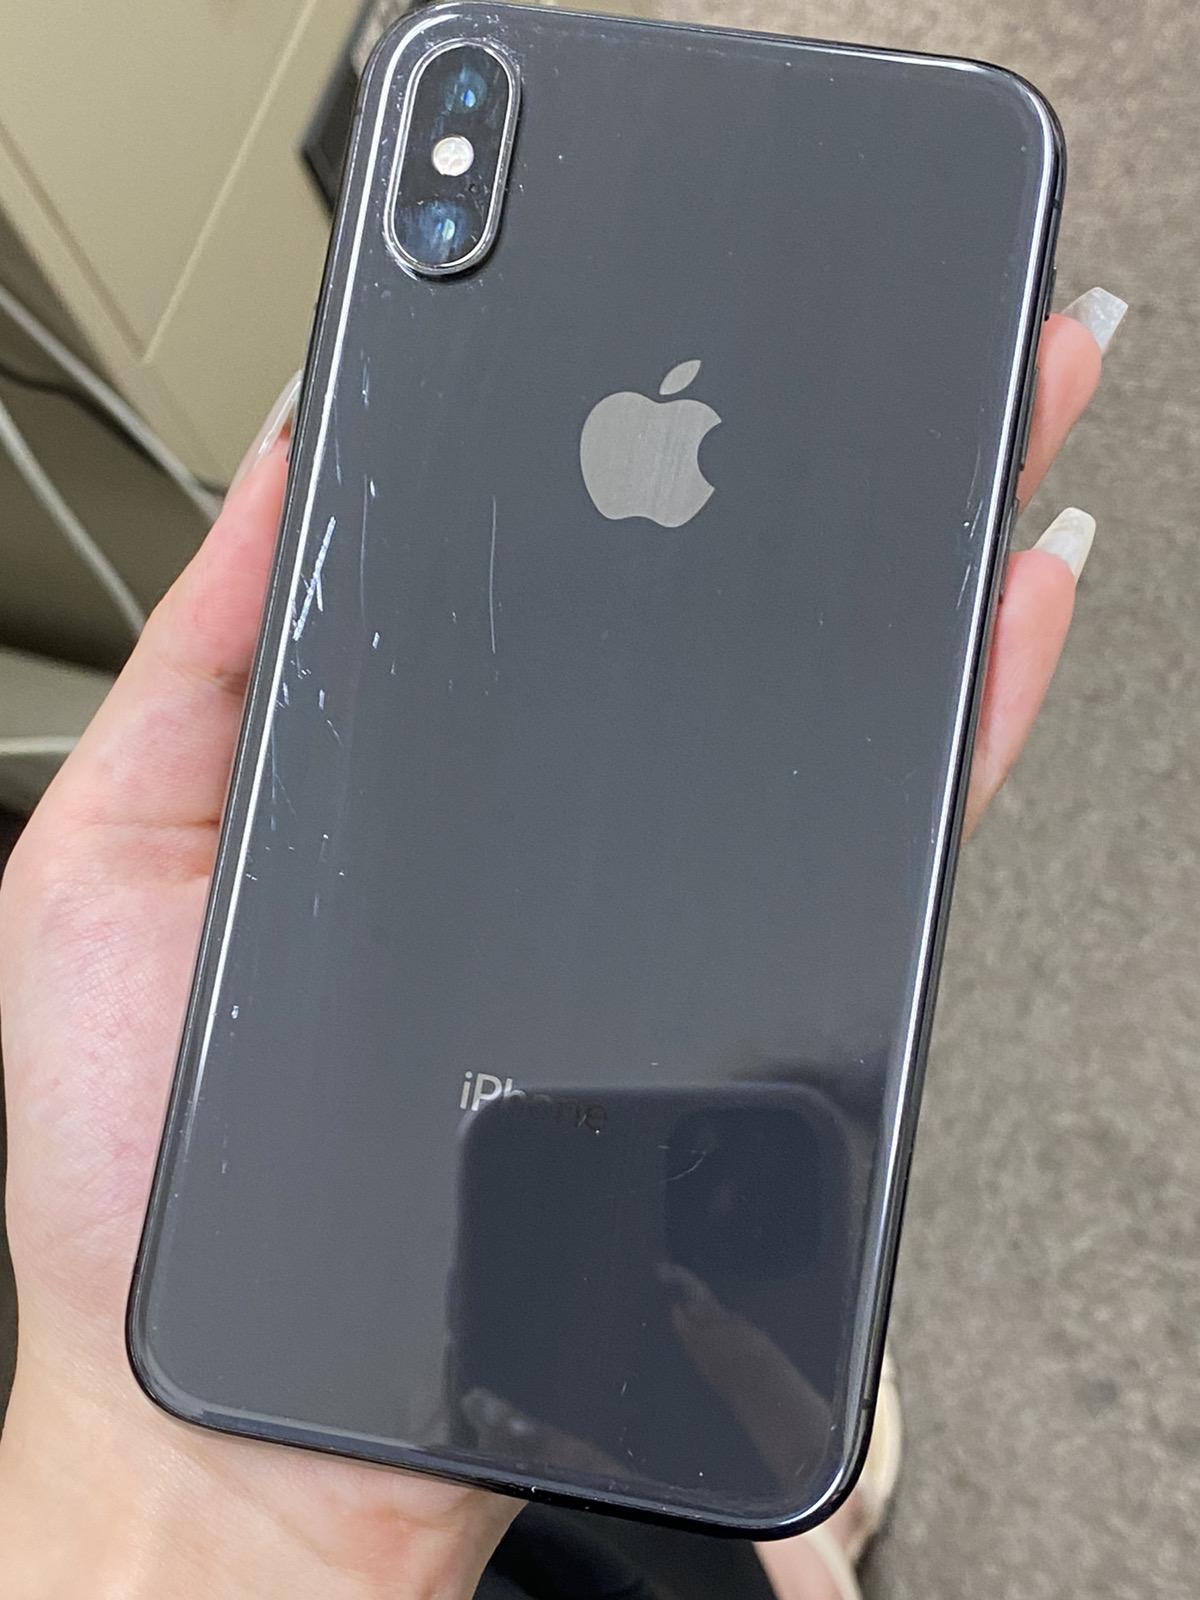 iPhoneX 256GB au○ グレー 中古